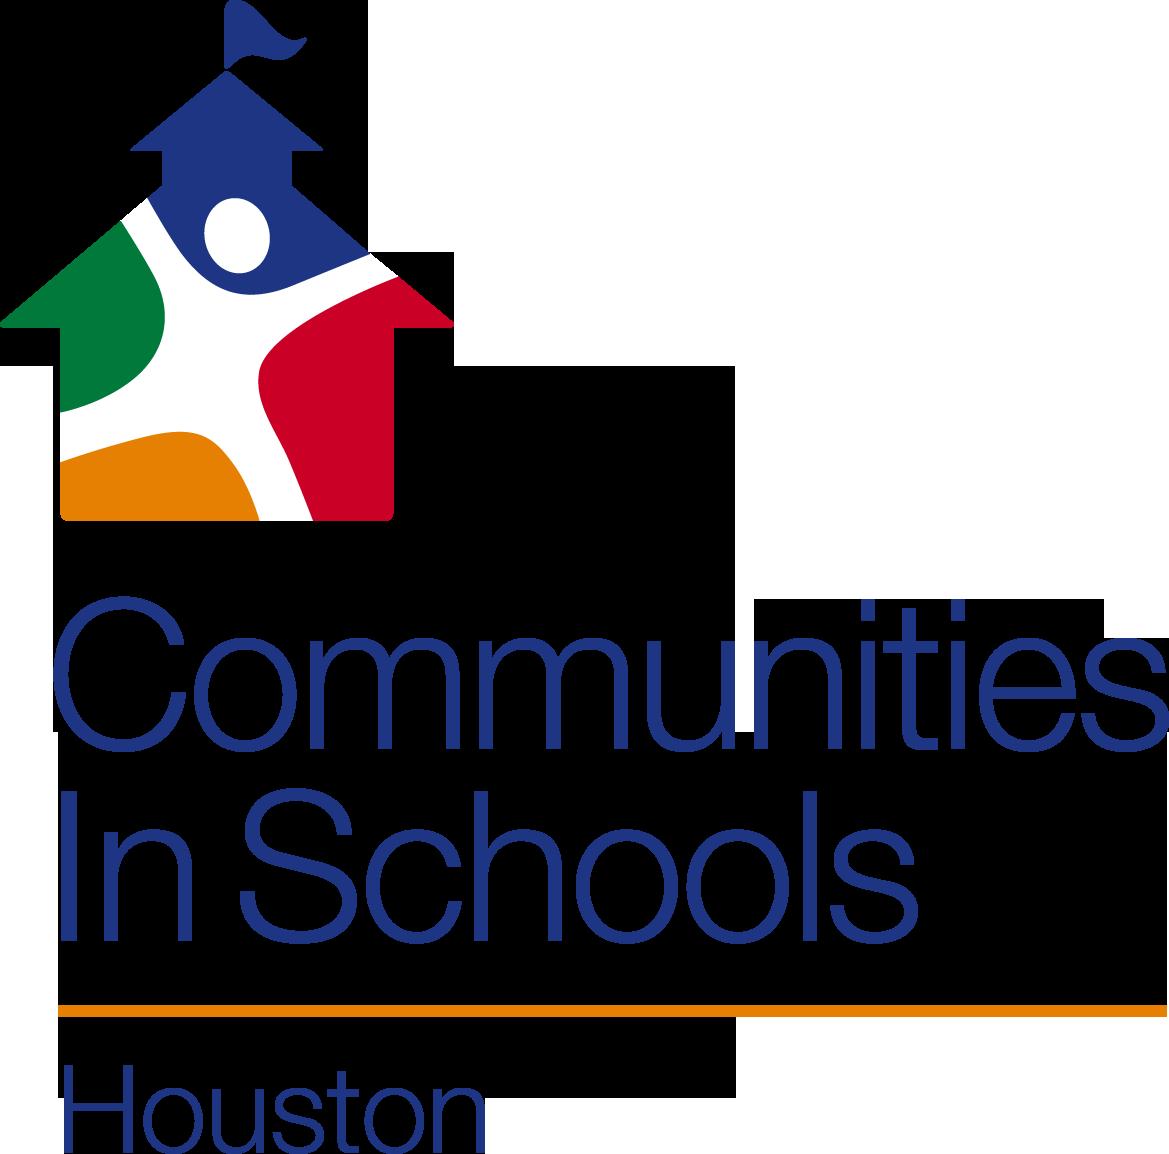 Communities in Schools | Houston